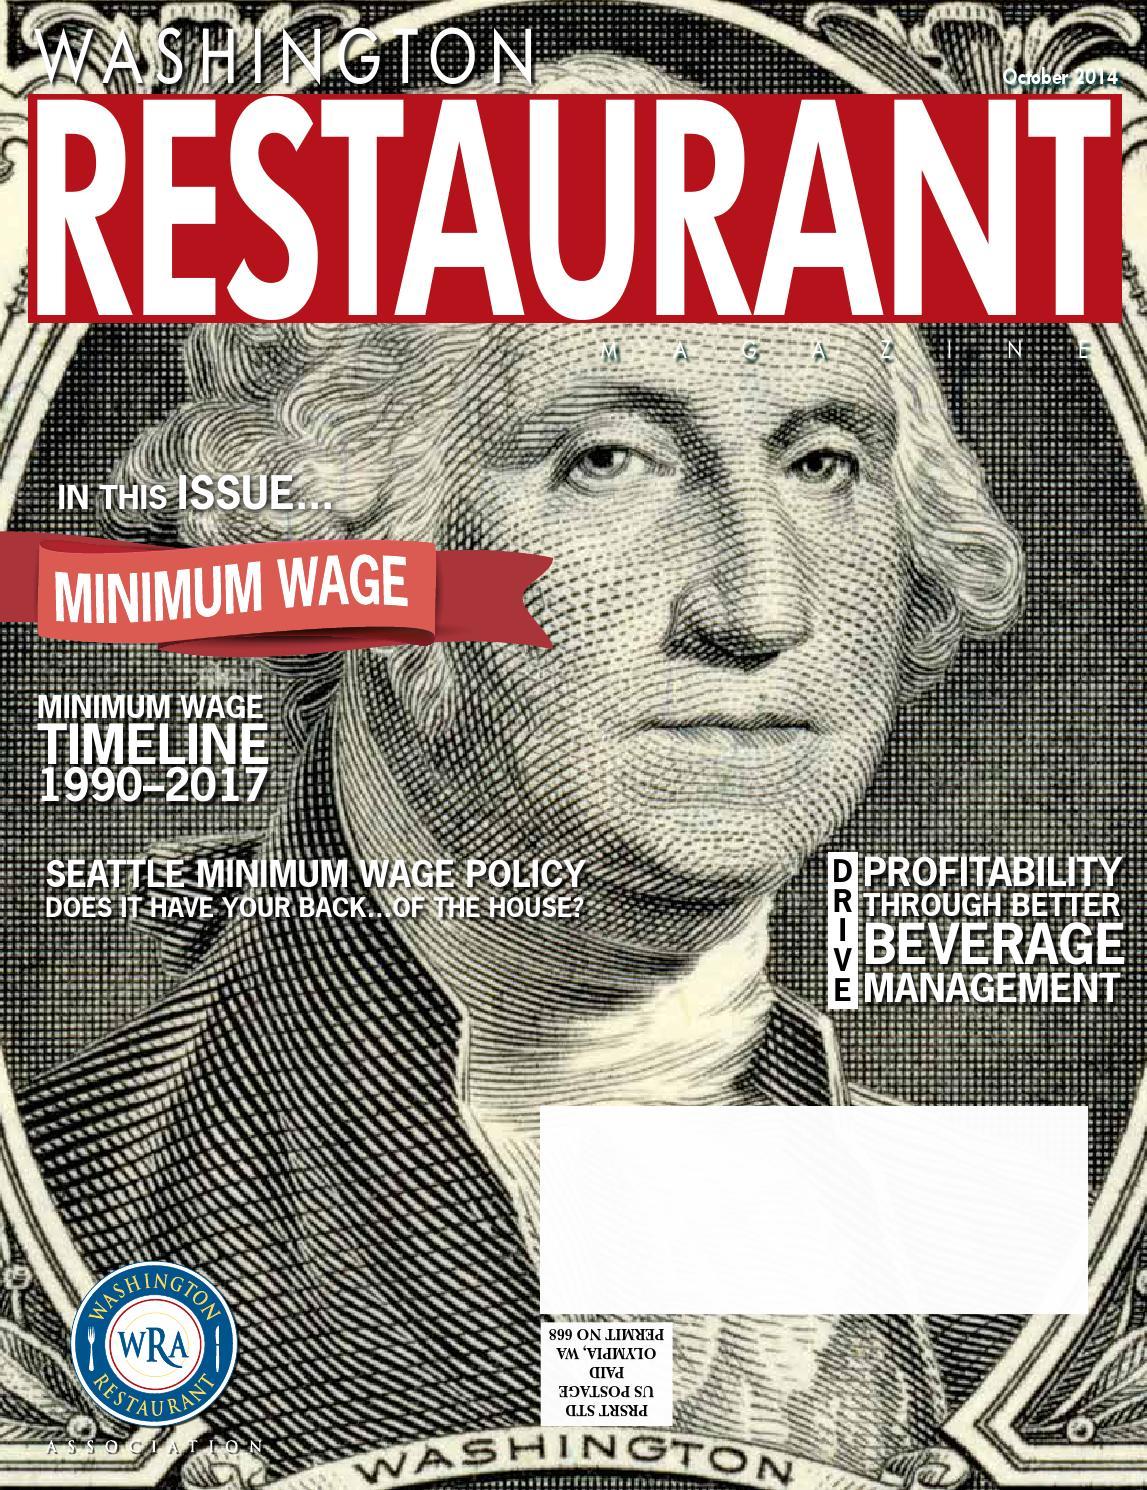 Washington Restaurant Magazine October 2014 By Washington